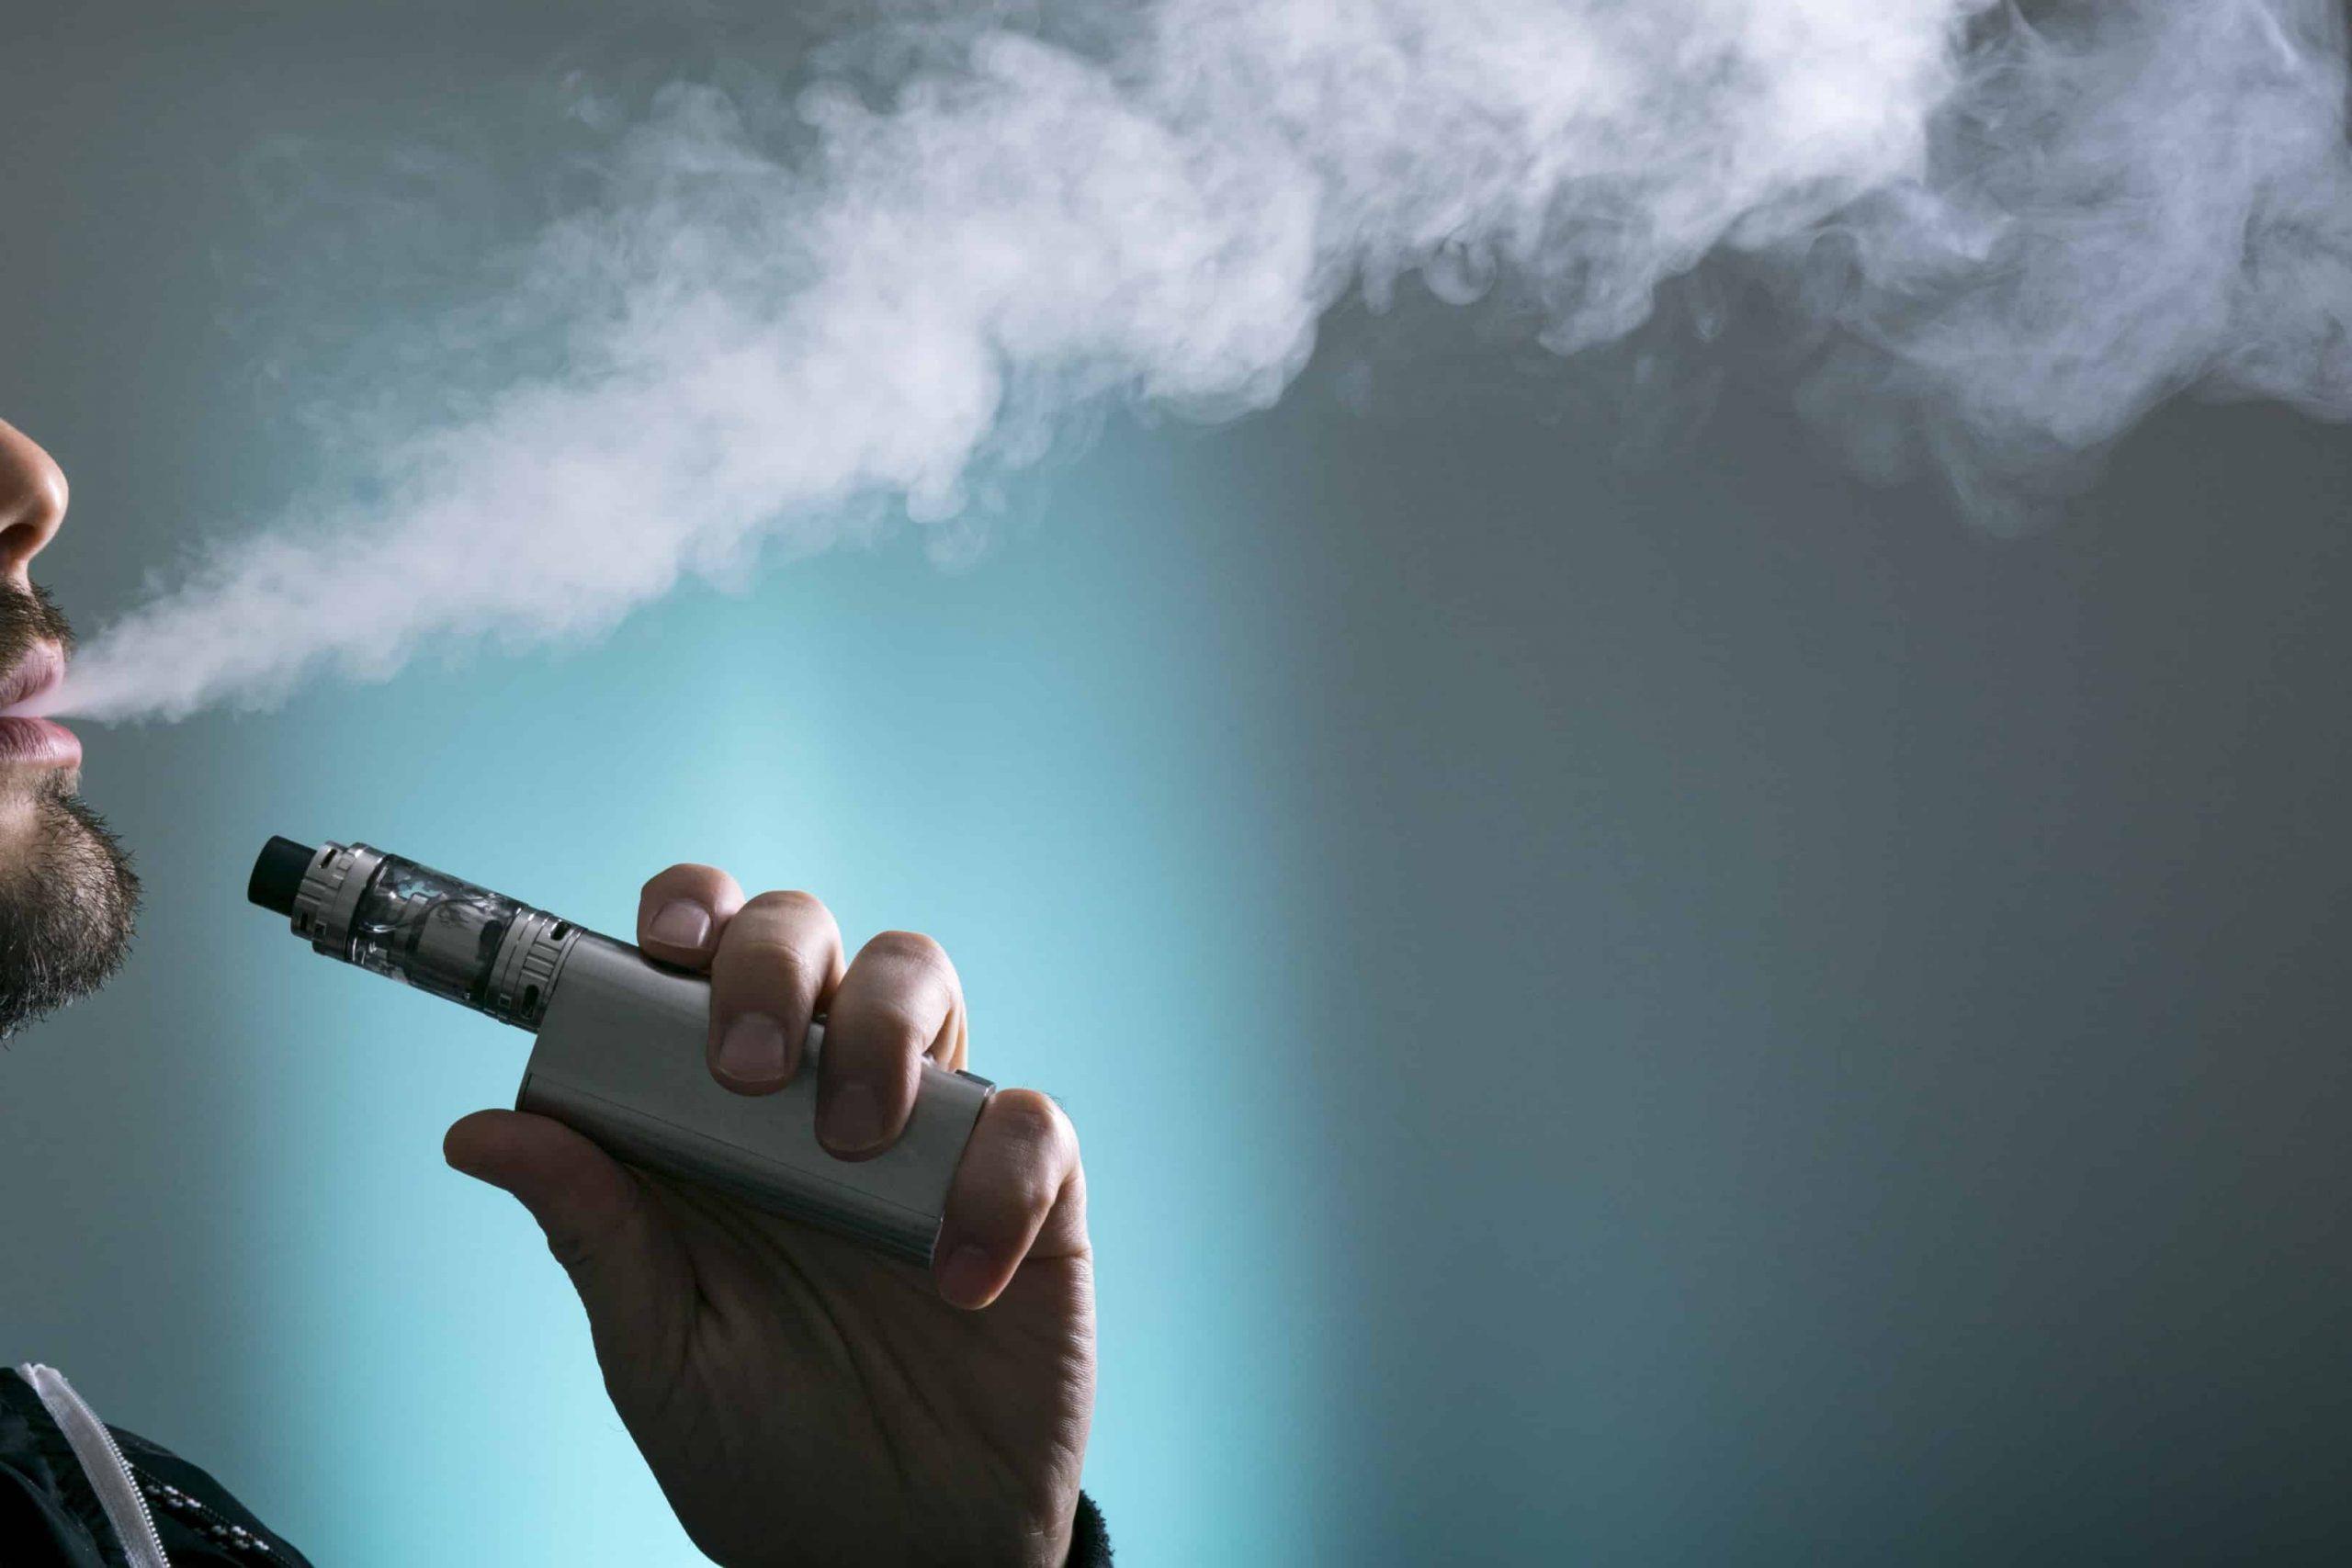 Ist die E-Zigarette schädlich: Alle Fragen und Antworten